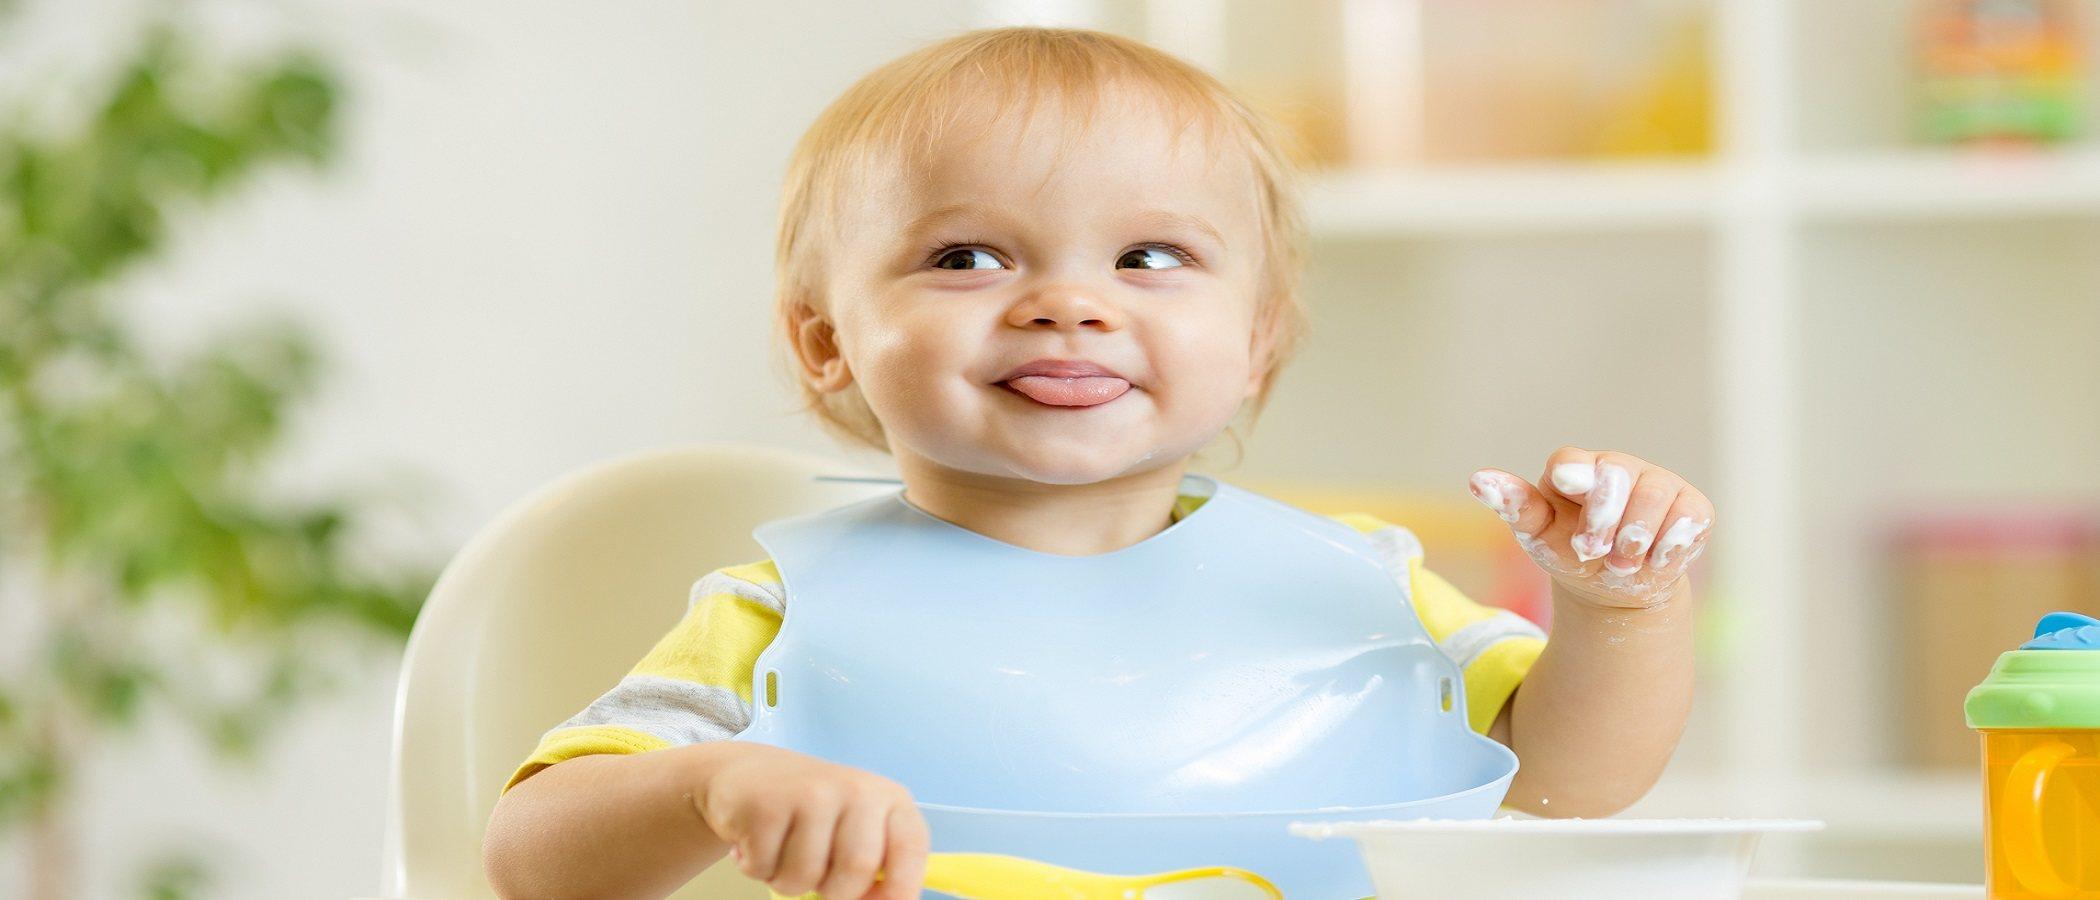 ¿Tu hijo está preparado para comer con cuchara?